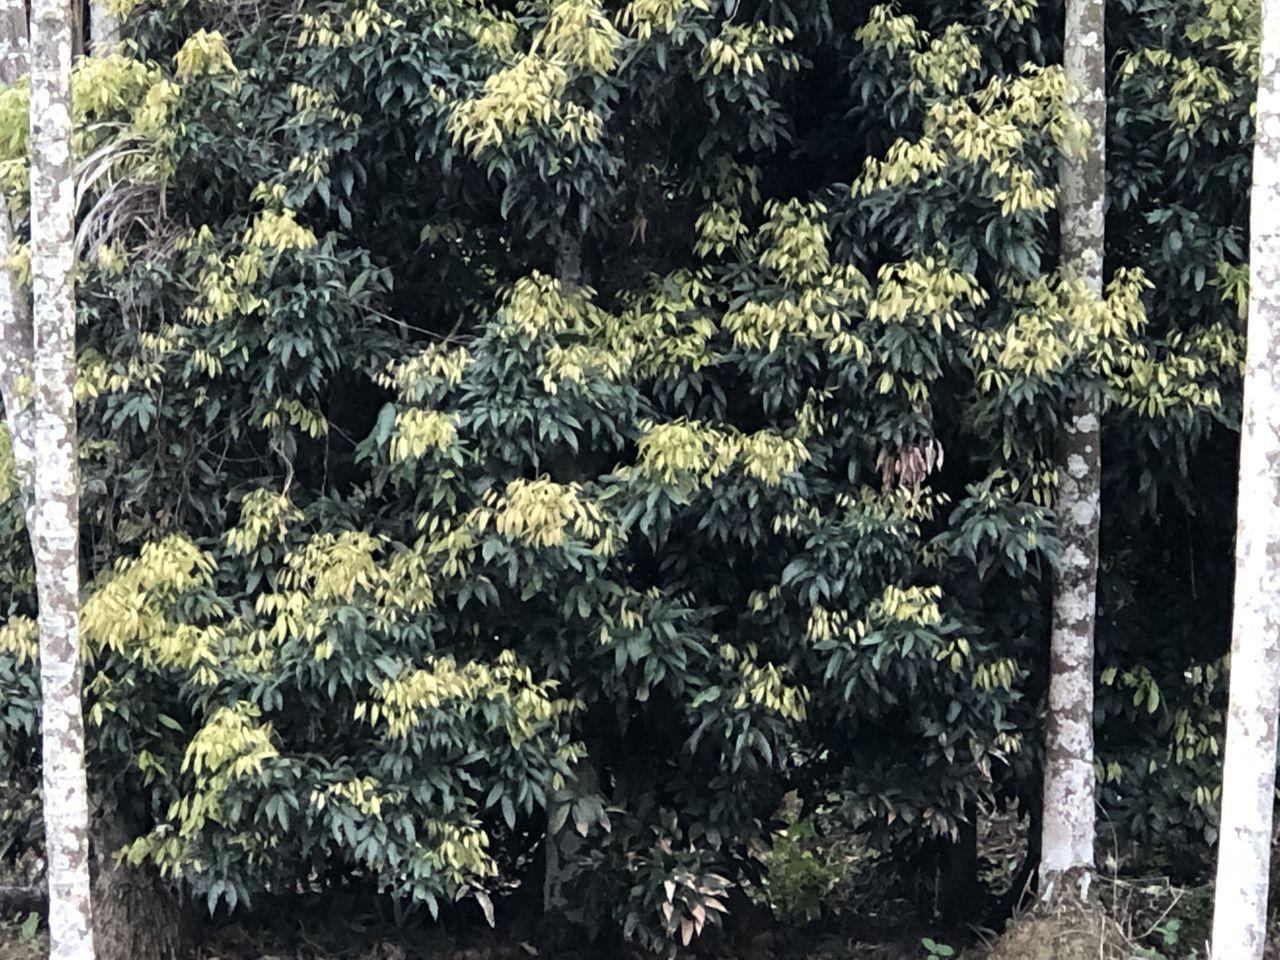 旱象嚴重,嘉義縣山區荔枝樹吐葉芽,不吐花芽,滿樹新芽,看不到花芽結穗,沒收成去了...